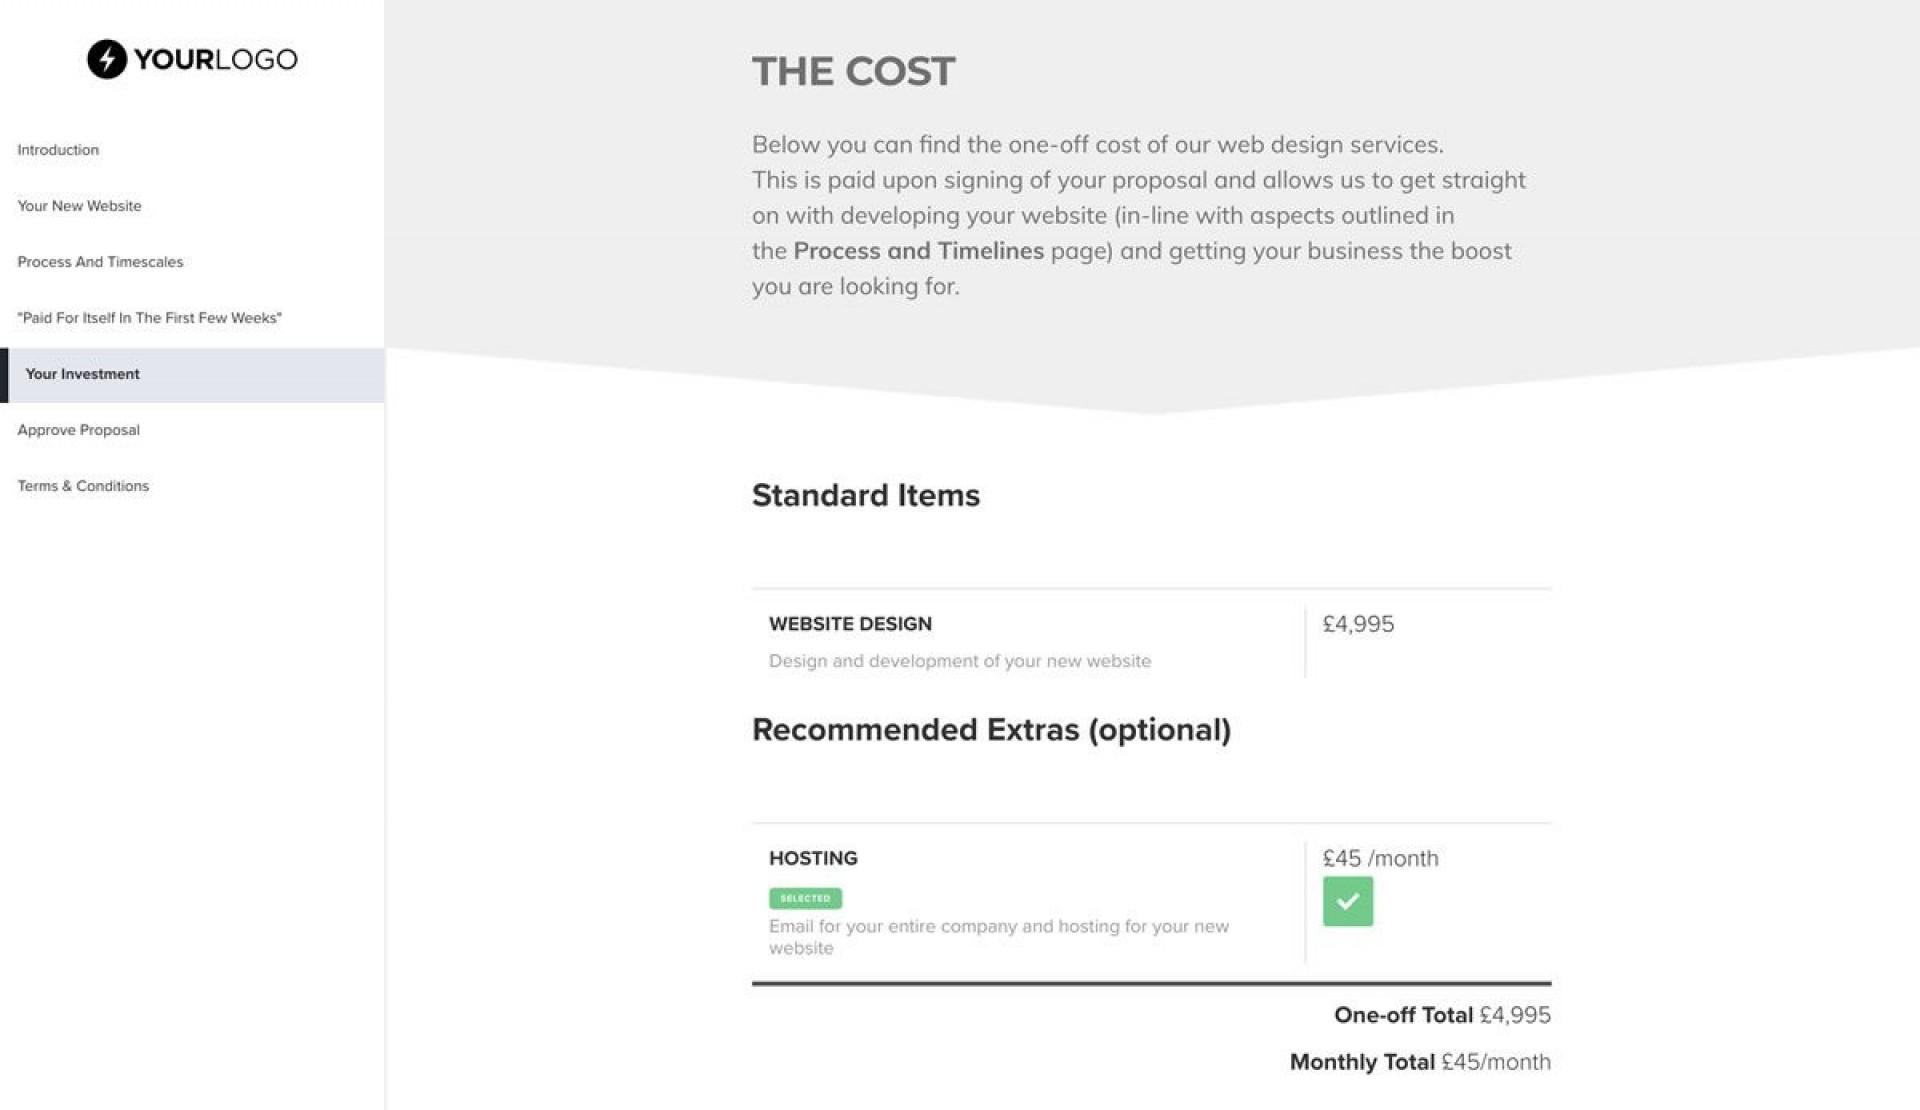 003 Remarkable Freelance Website Design Proposal Template Concept 1920